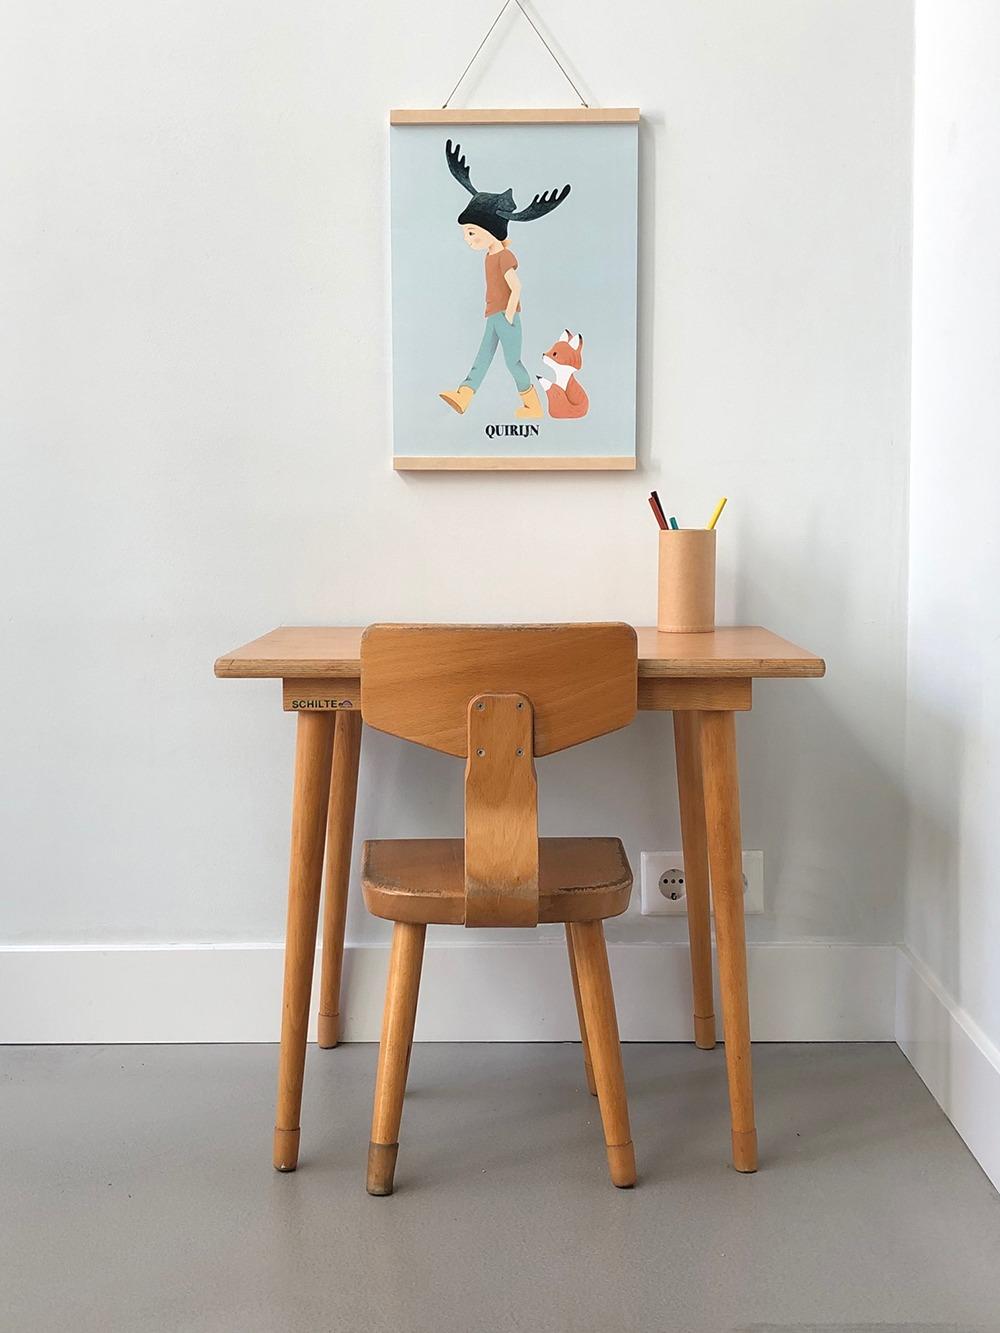 schilte tafeltje met stoel - kinderkamervintage - poster - jongenskamer - met naam